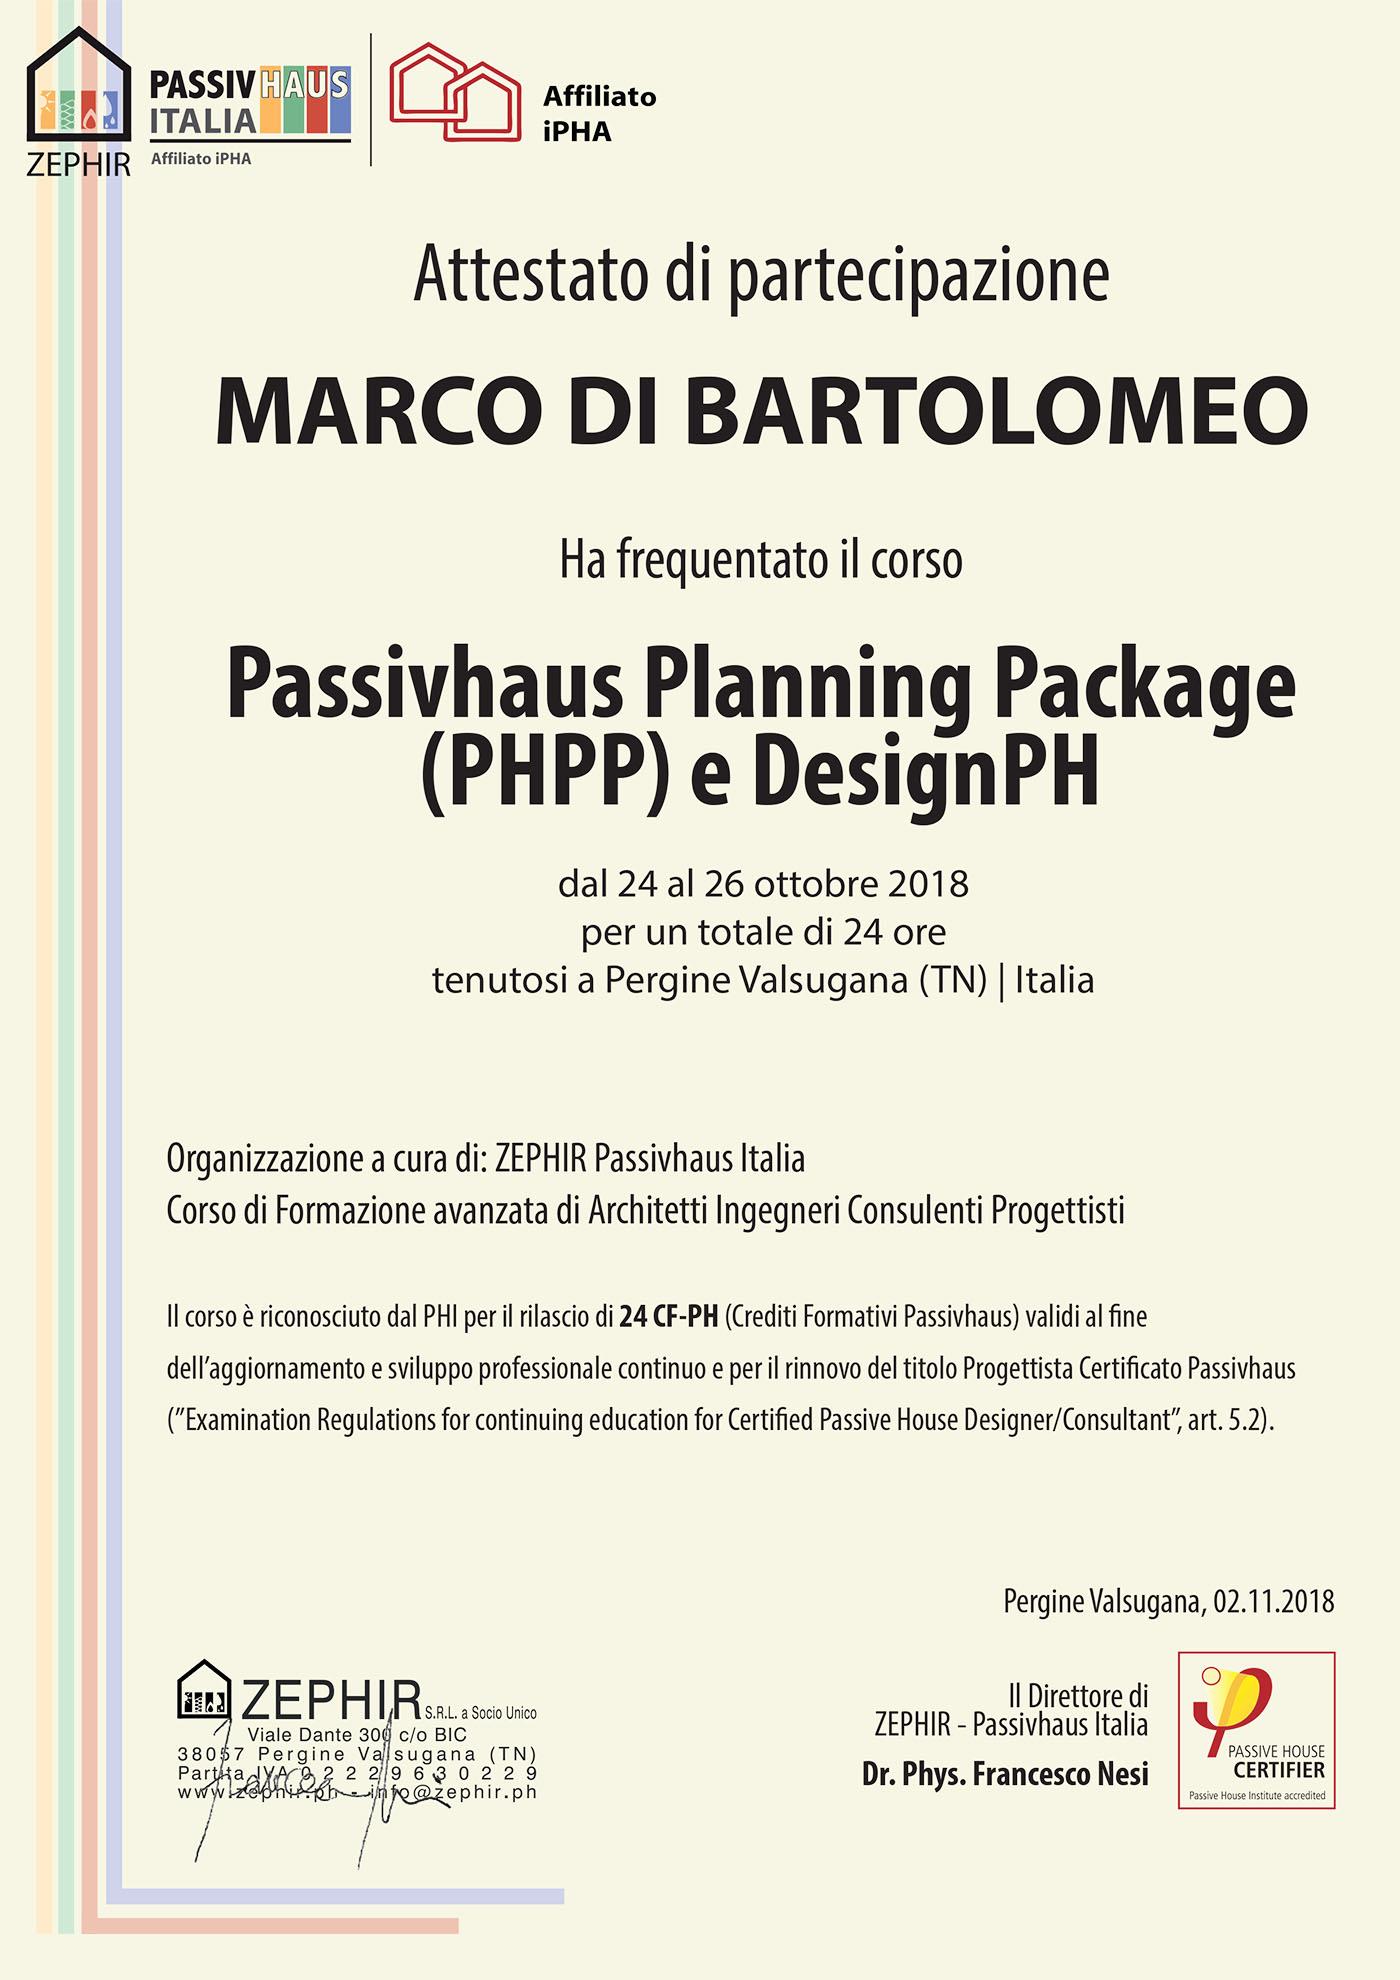 Studio-progettazione-passivhaus-casa-passiva-efficienza-energetica-campania-salerno-napoli-avellino-benevento-caserta-ing-Marco-Di-Bartoloomeo